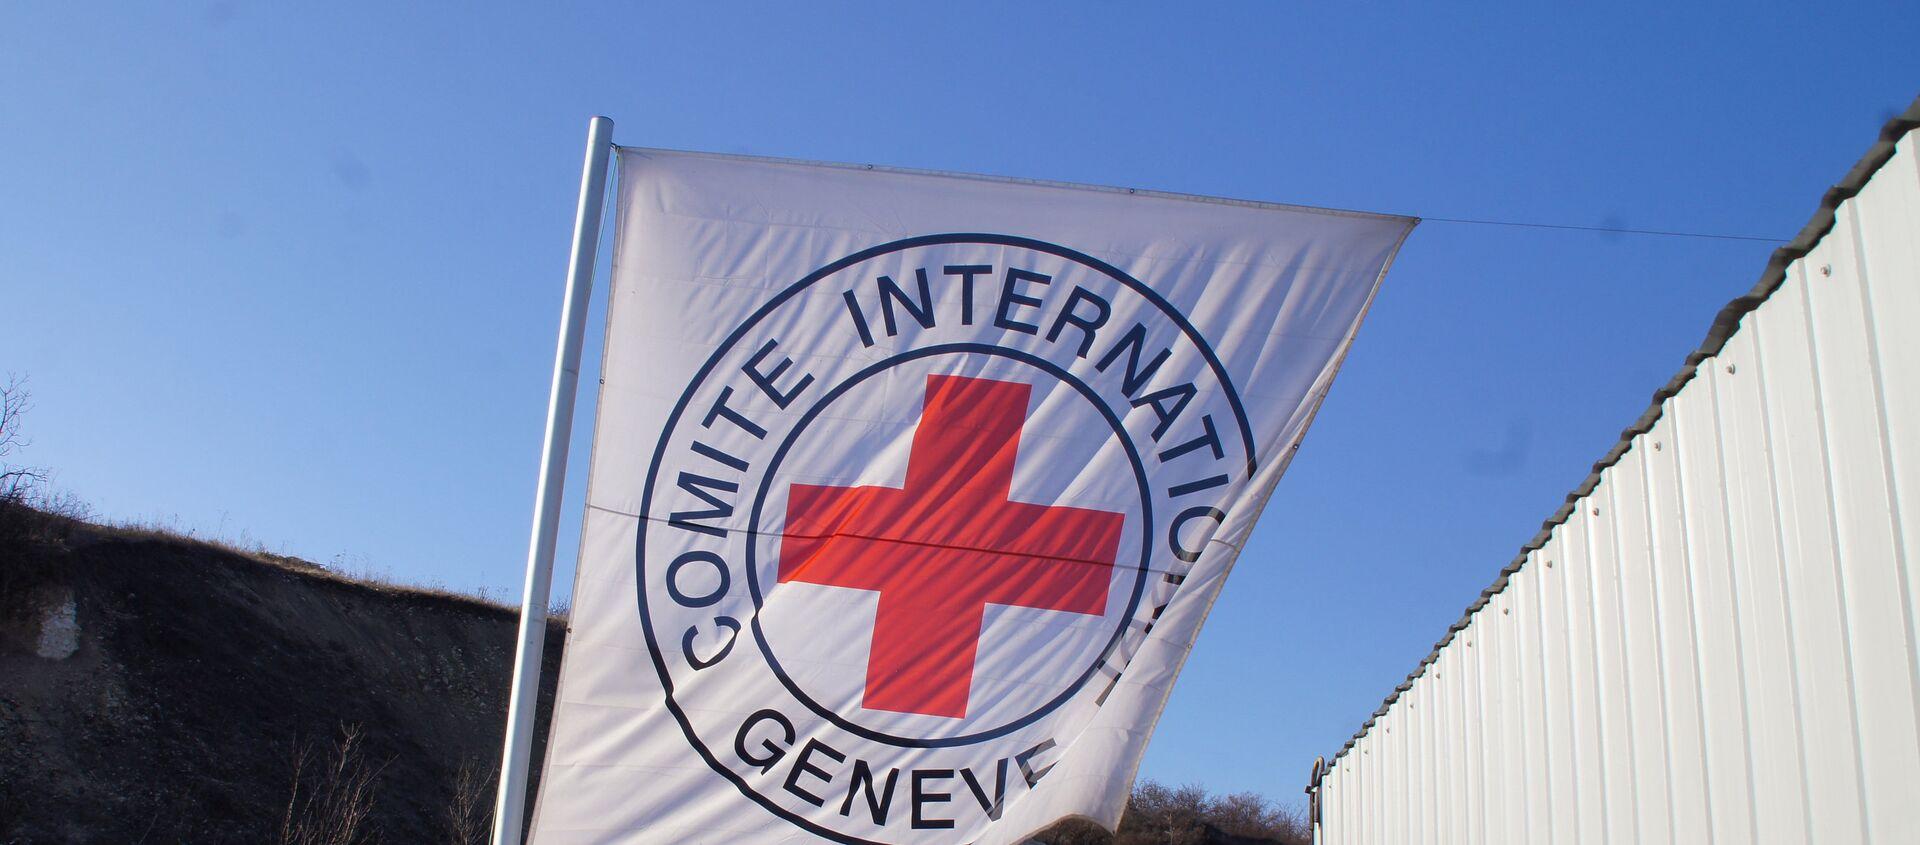 La bandera de la Cruz Roja - Sputnik Mundo, 1920, 13.01.2021